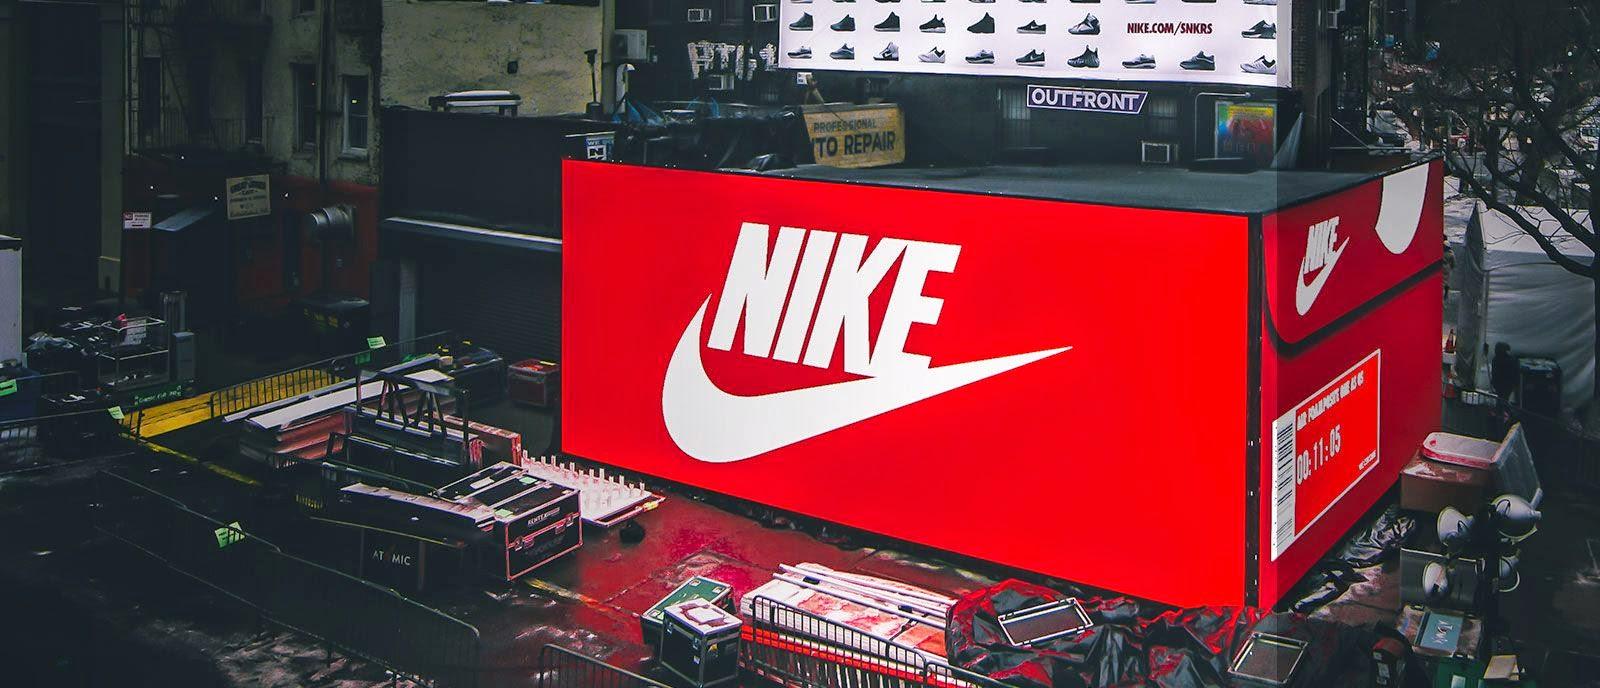 Tienda Pop Up de Nike en forma de caja en pleno centro de Nueva York